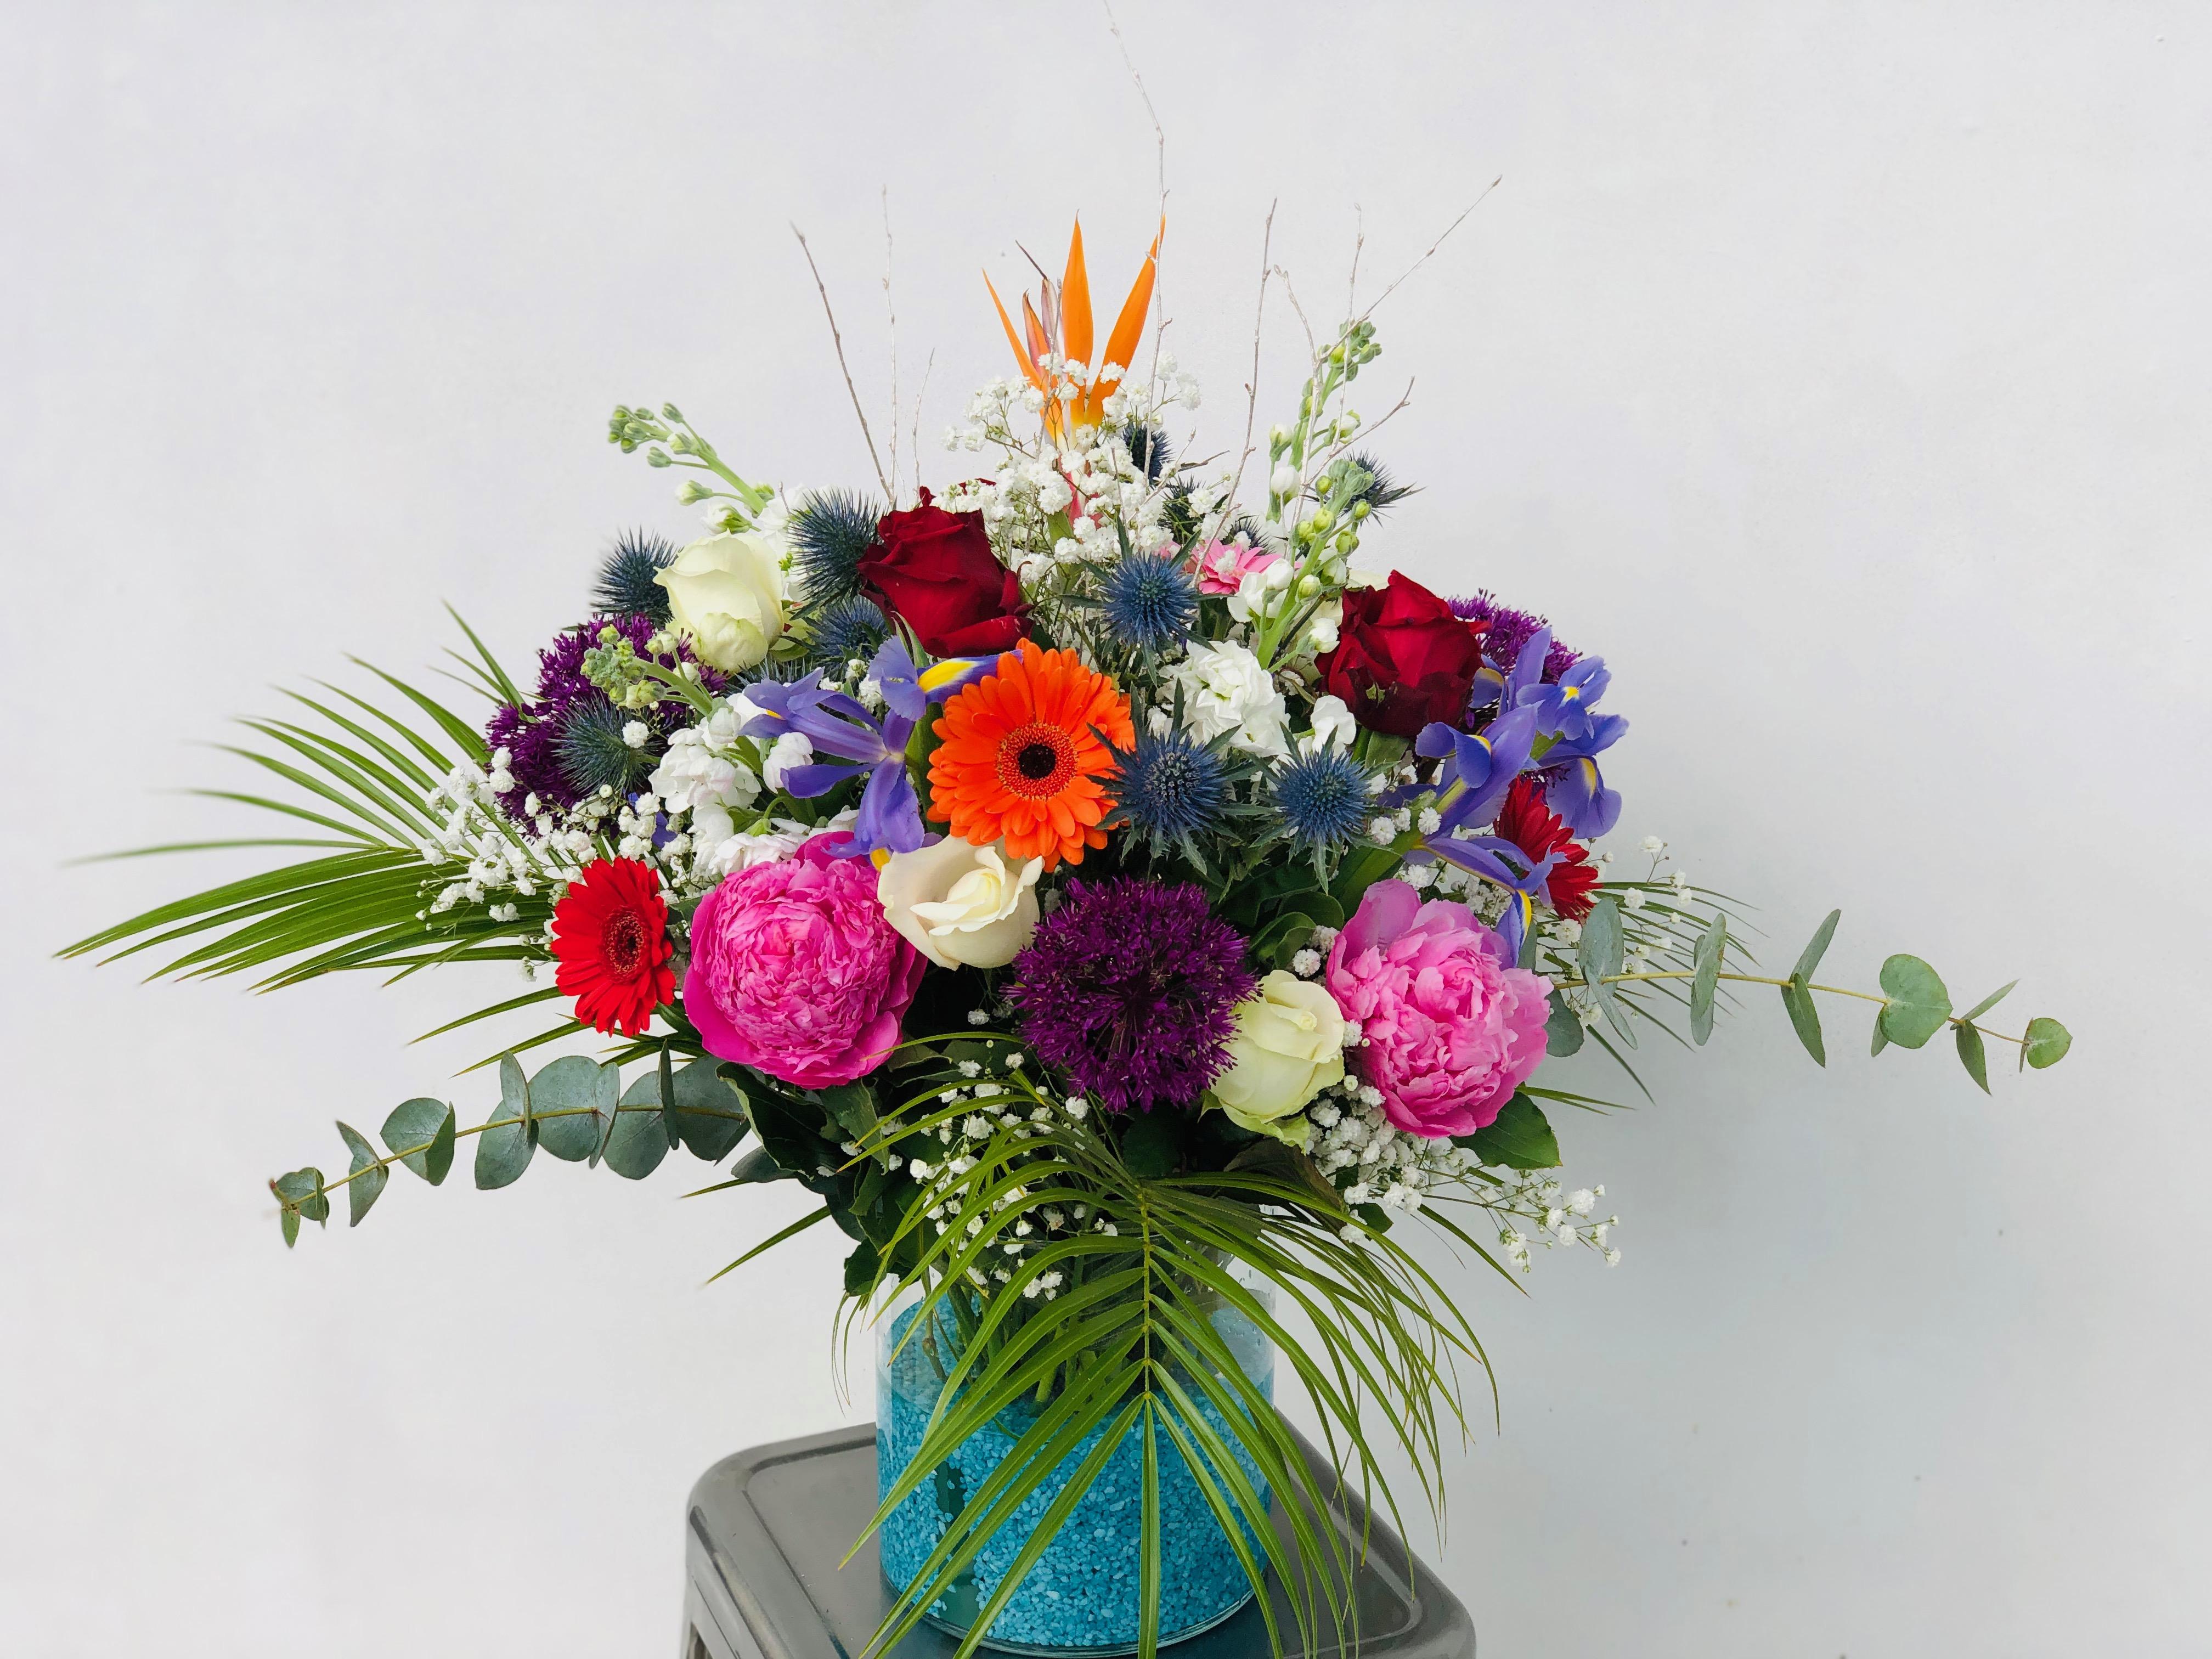 Atelier floral 64,Virginie Sartis,Bouquet de fleurs,livraison de fleurs,livraison à domicile